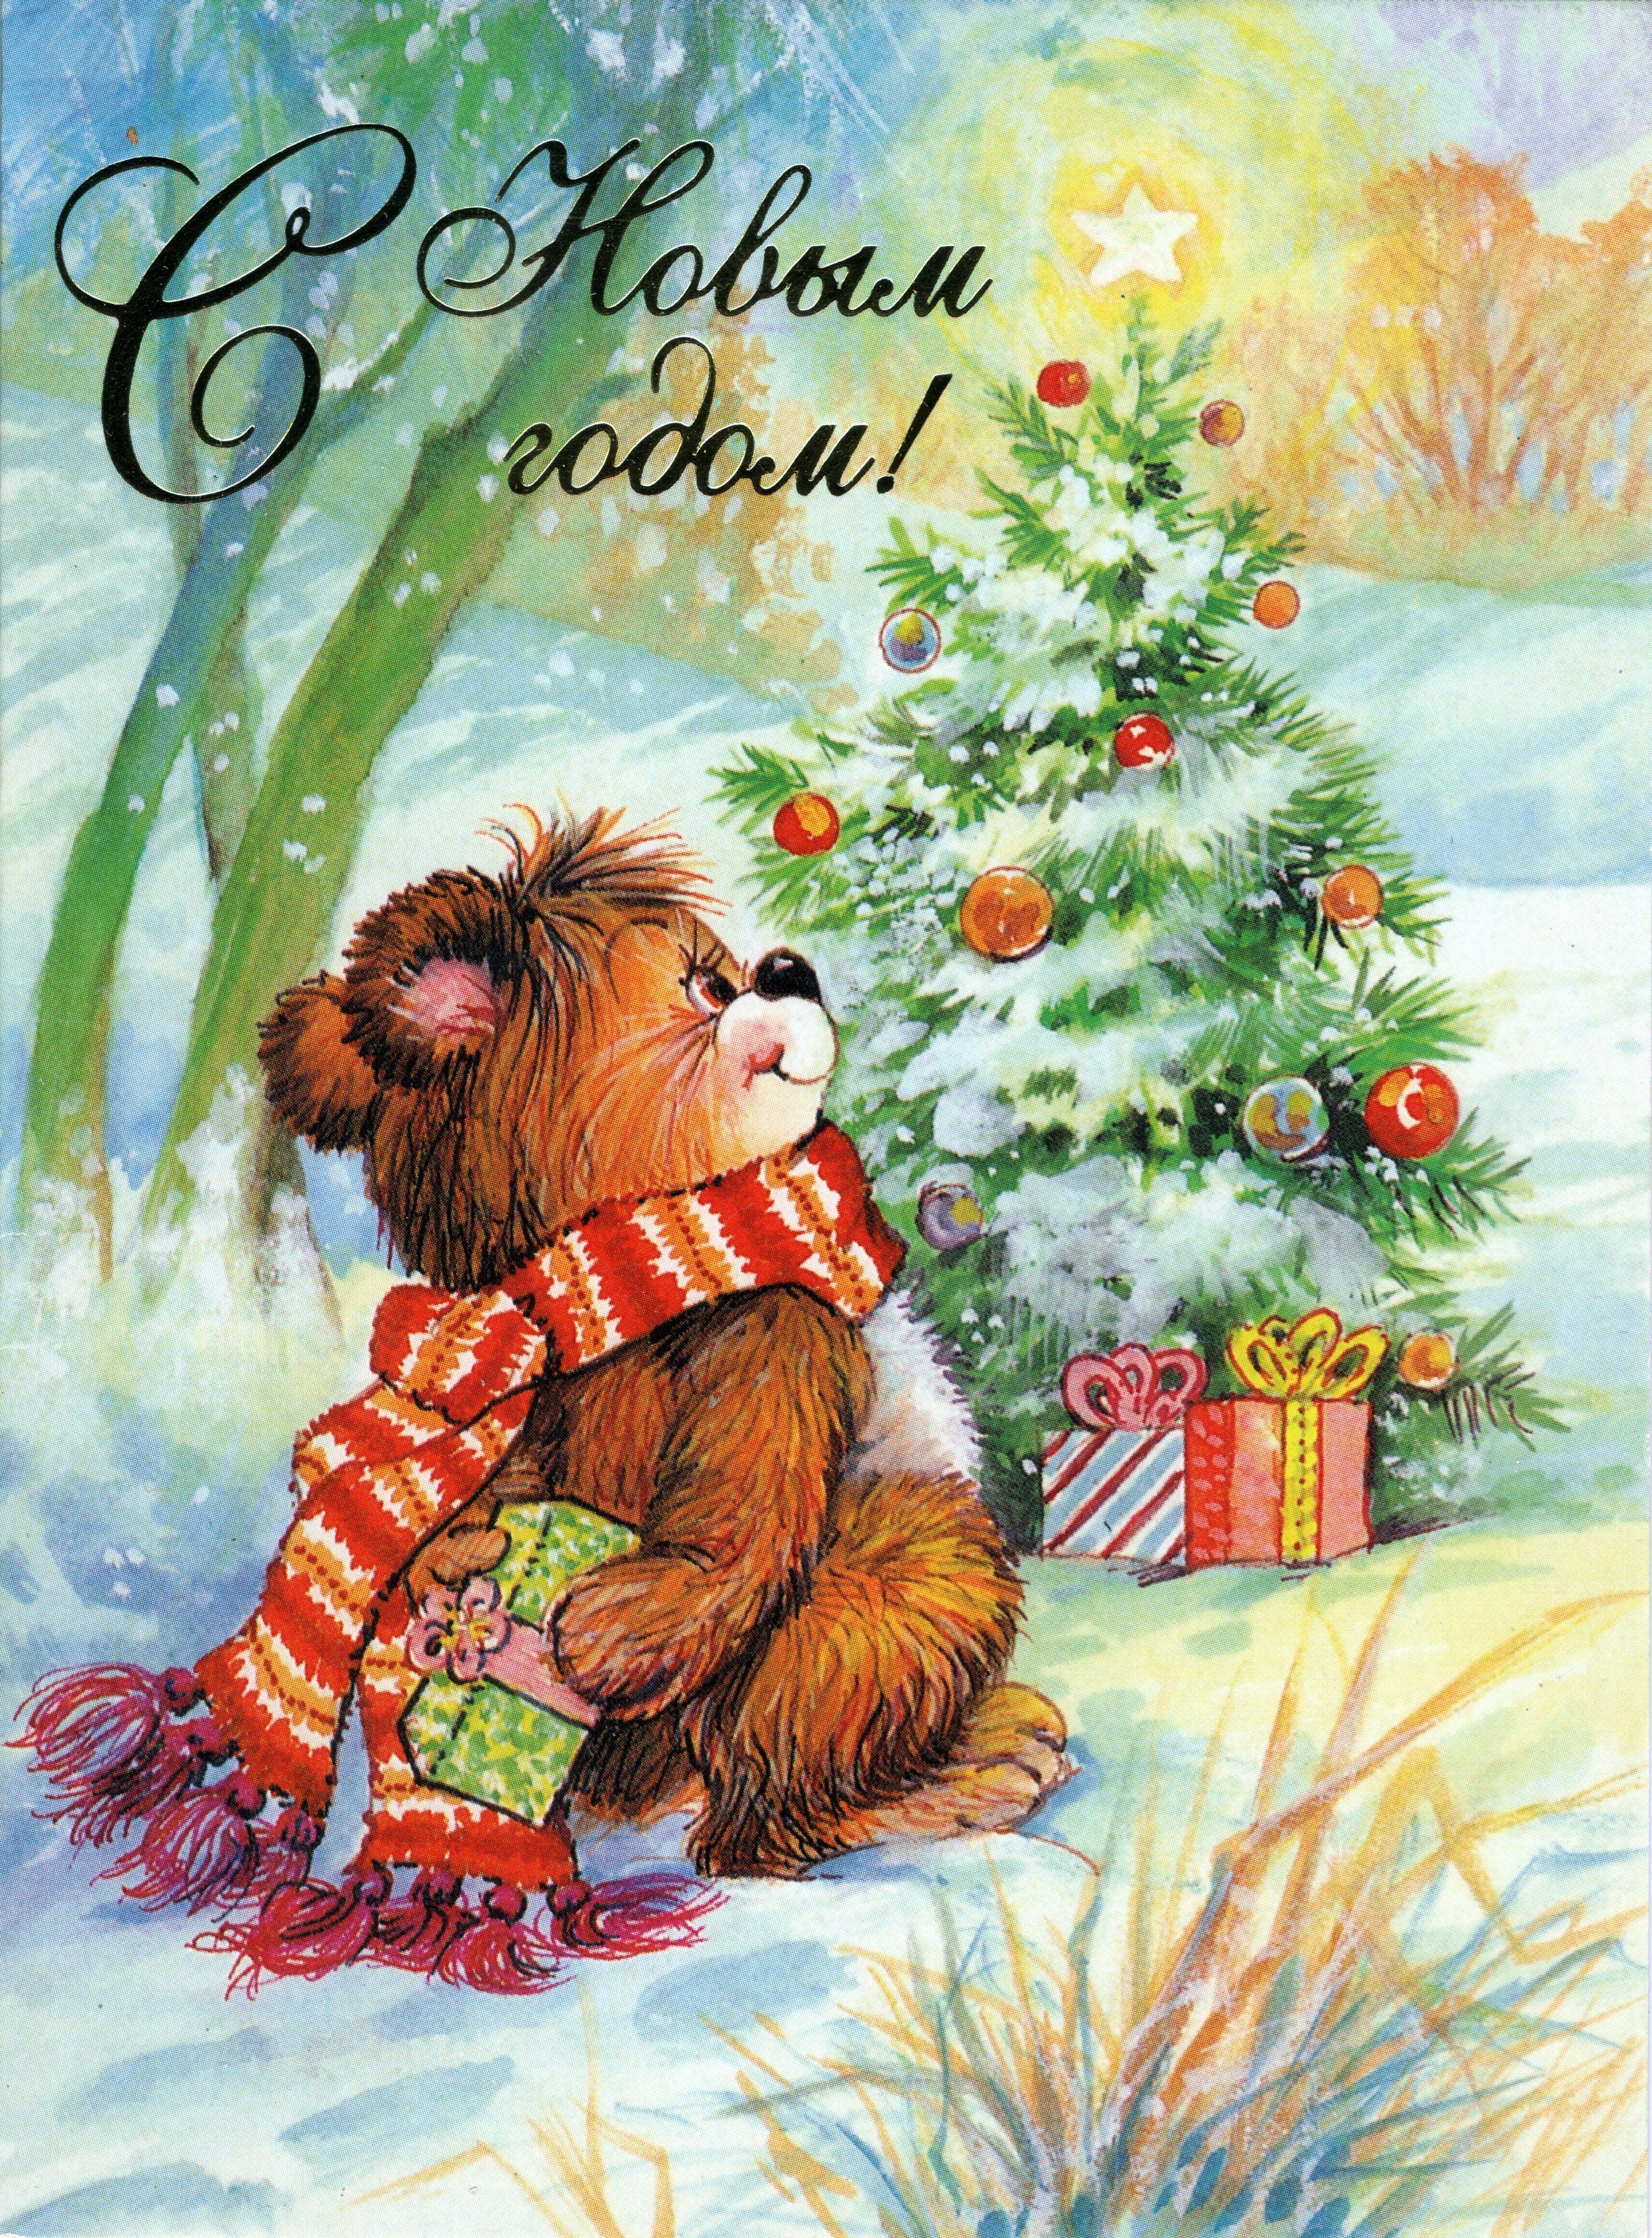 Старые открытки с новым годом и рождеством 2019, для сайта учителя